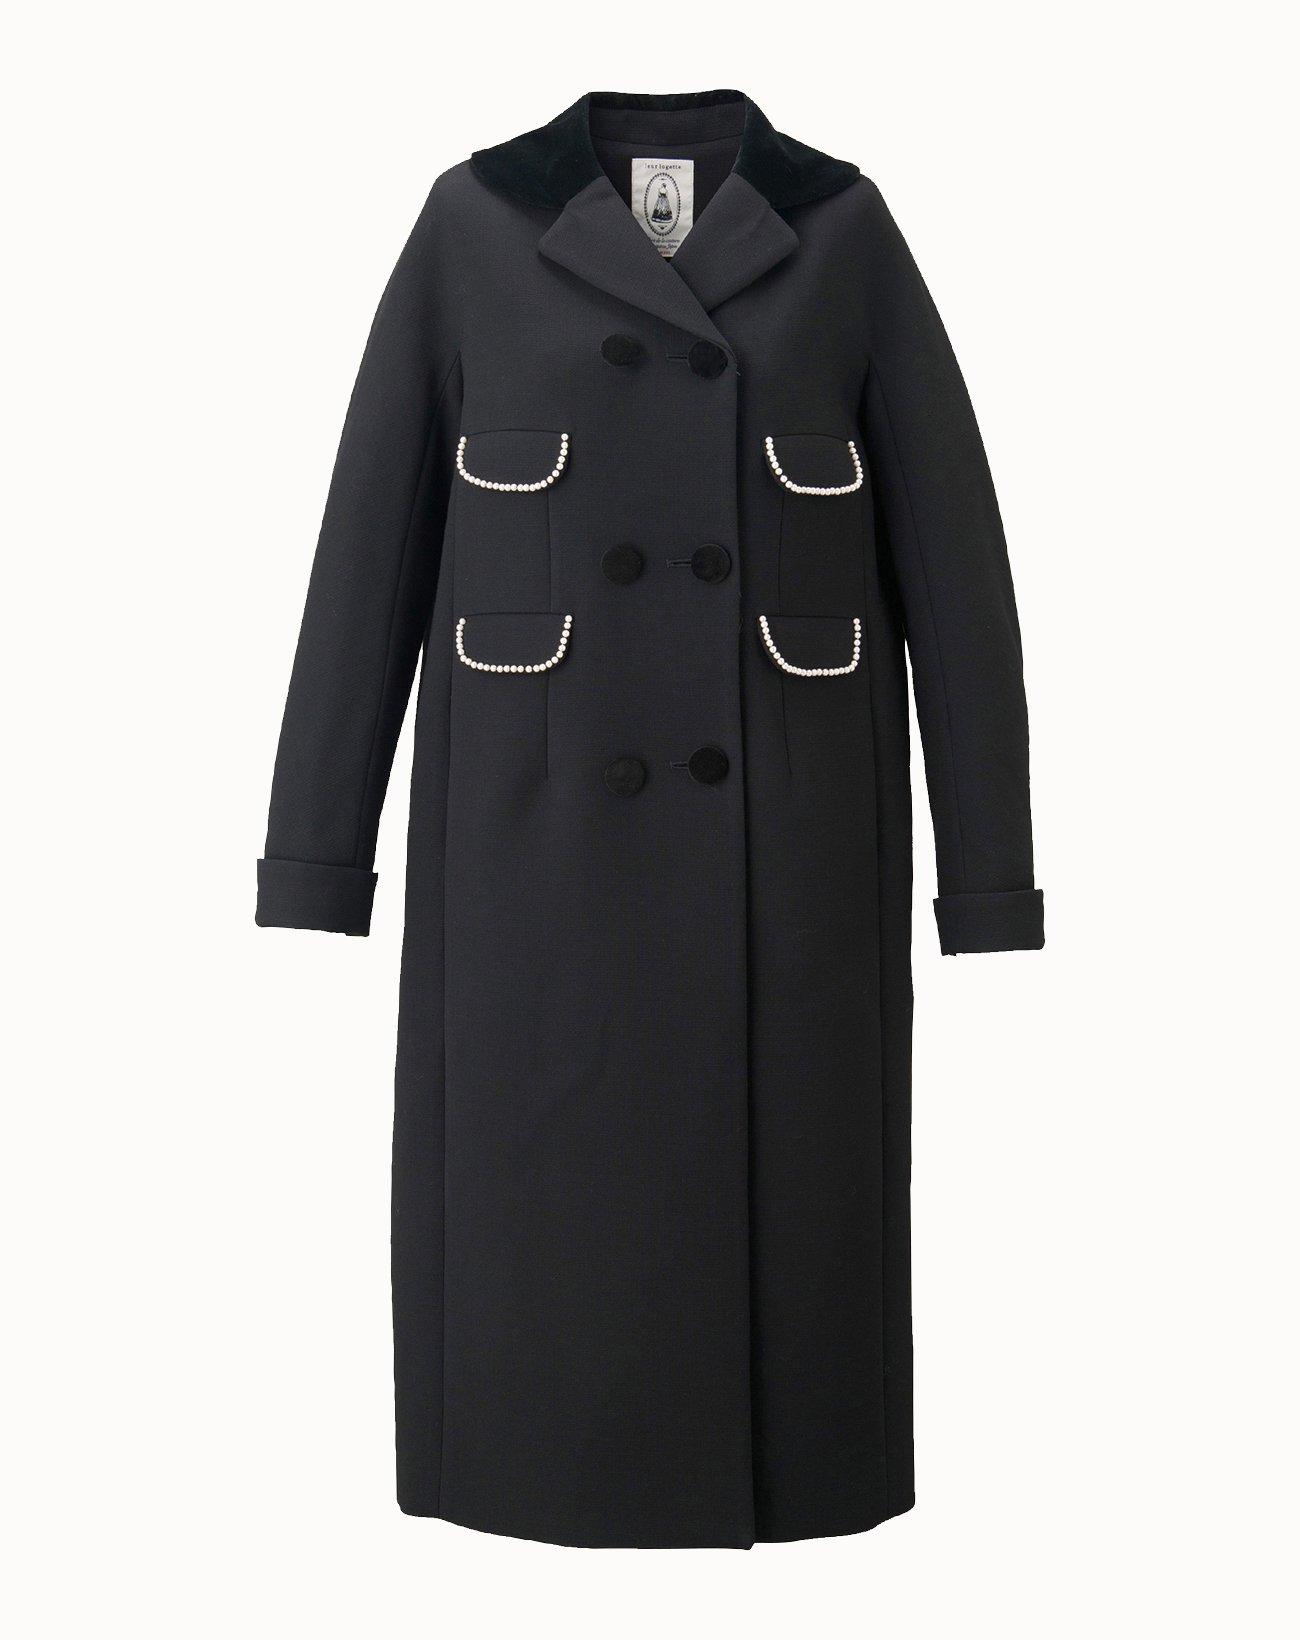 Triple Cloth Coat - Black